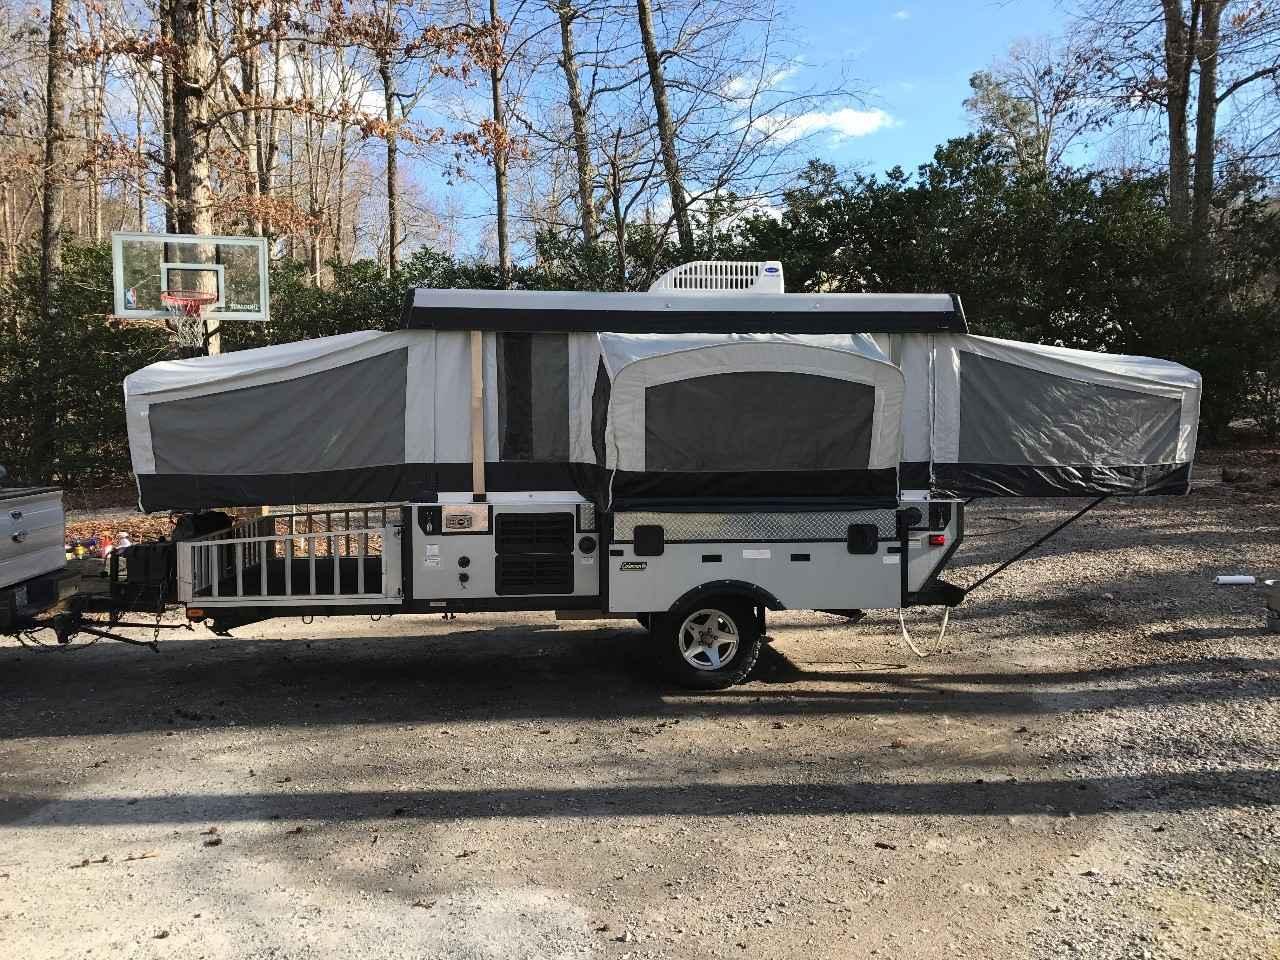 2010 Used Coleman Evolution Pop Up Camper In North Carolina Nc